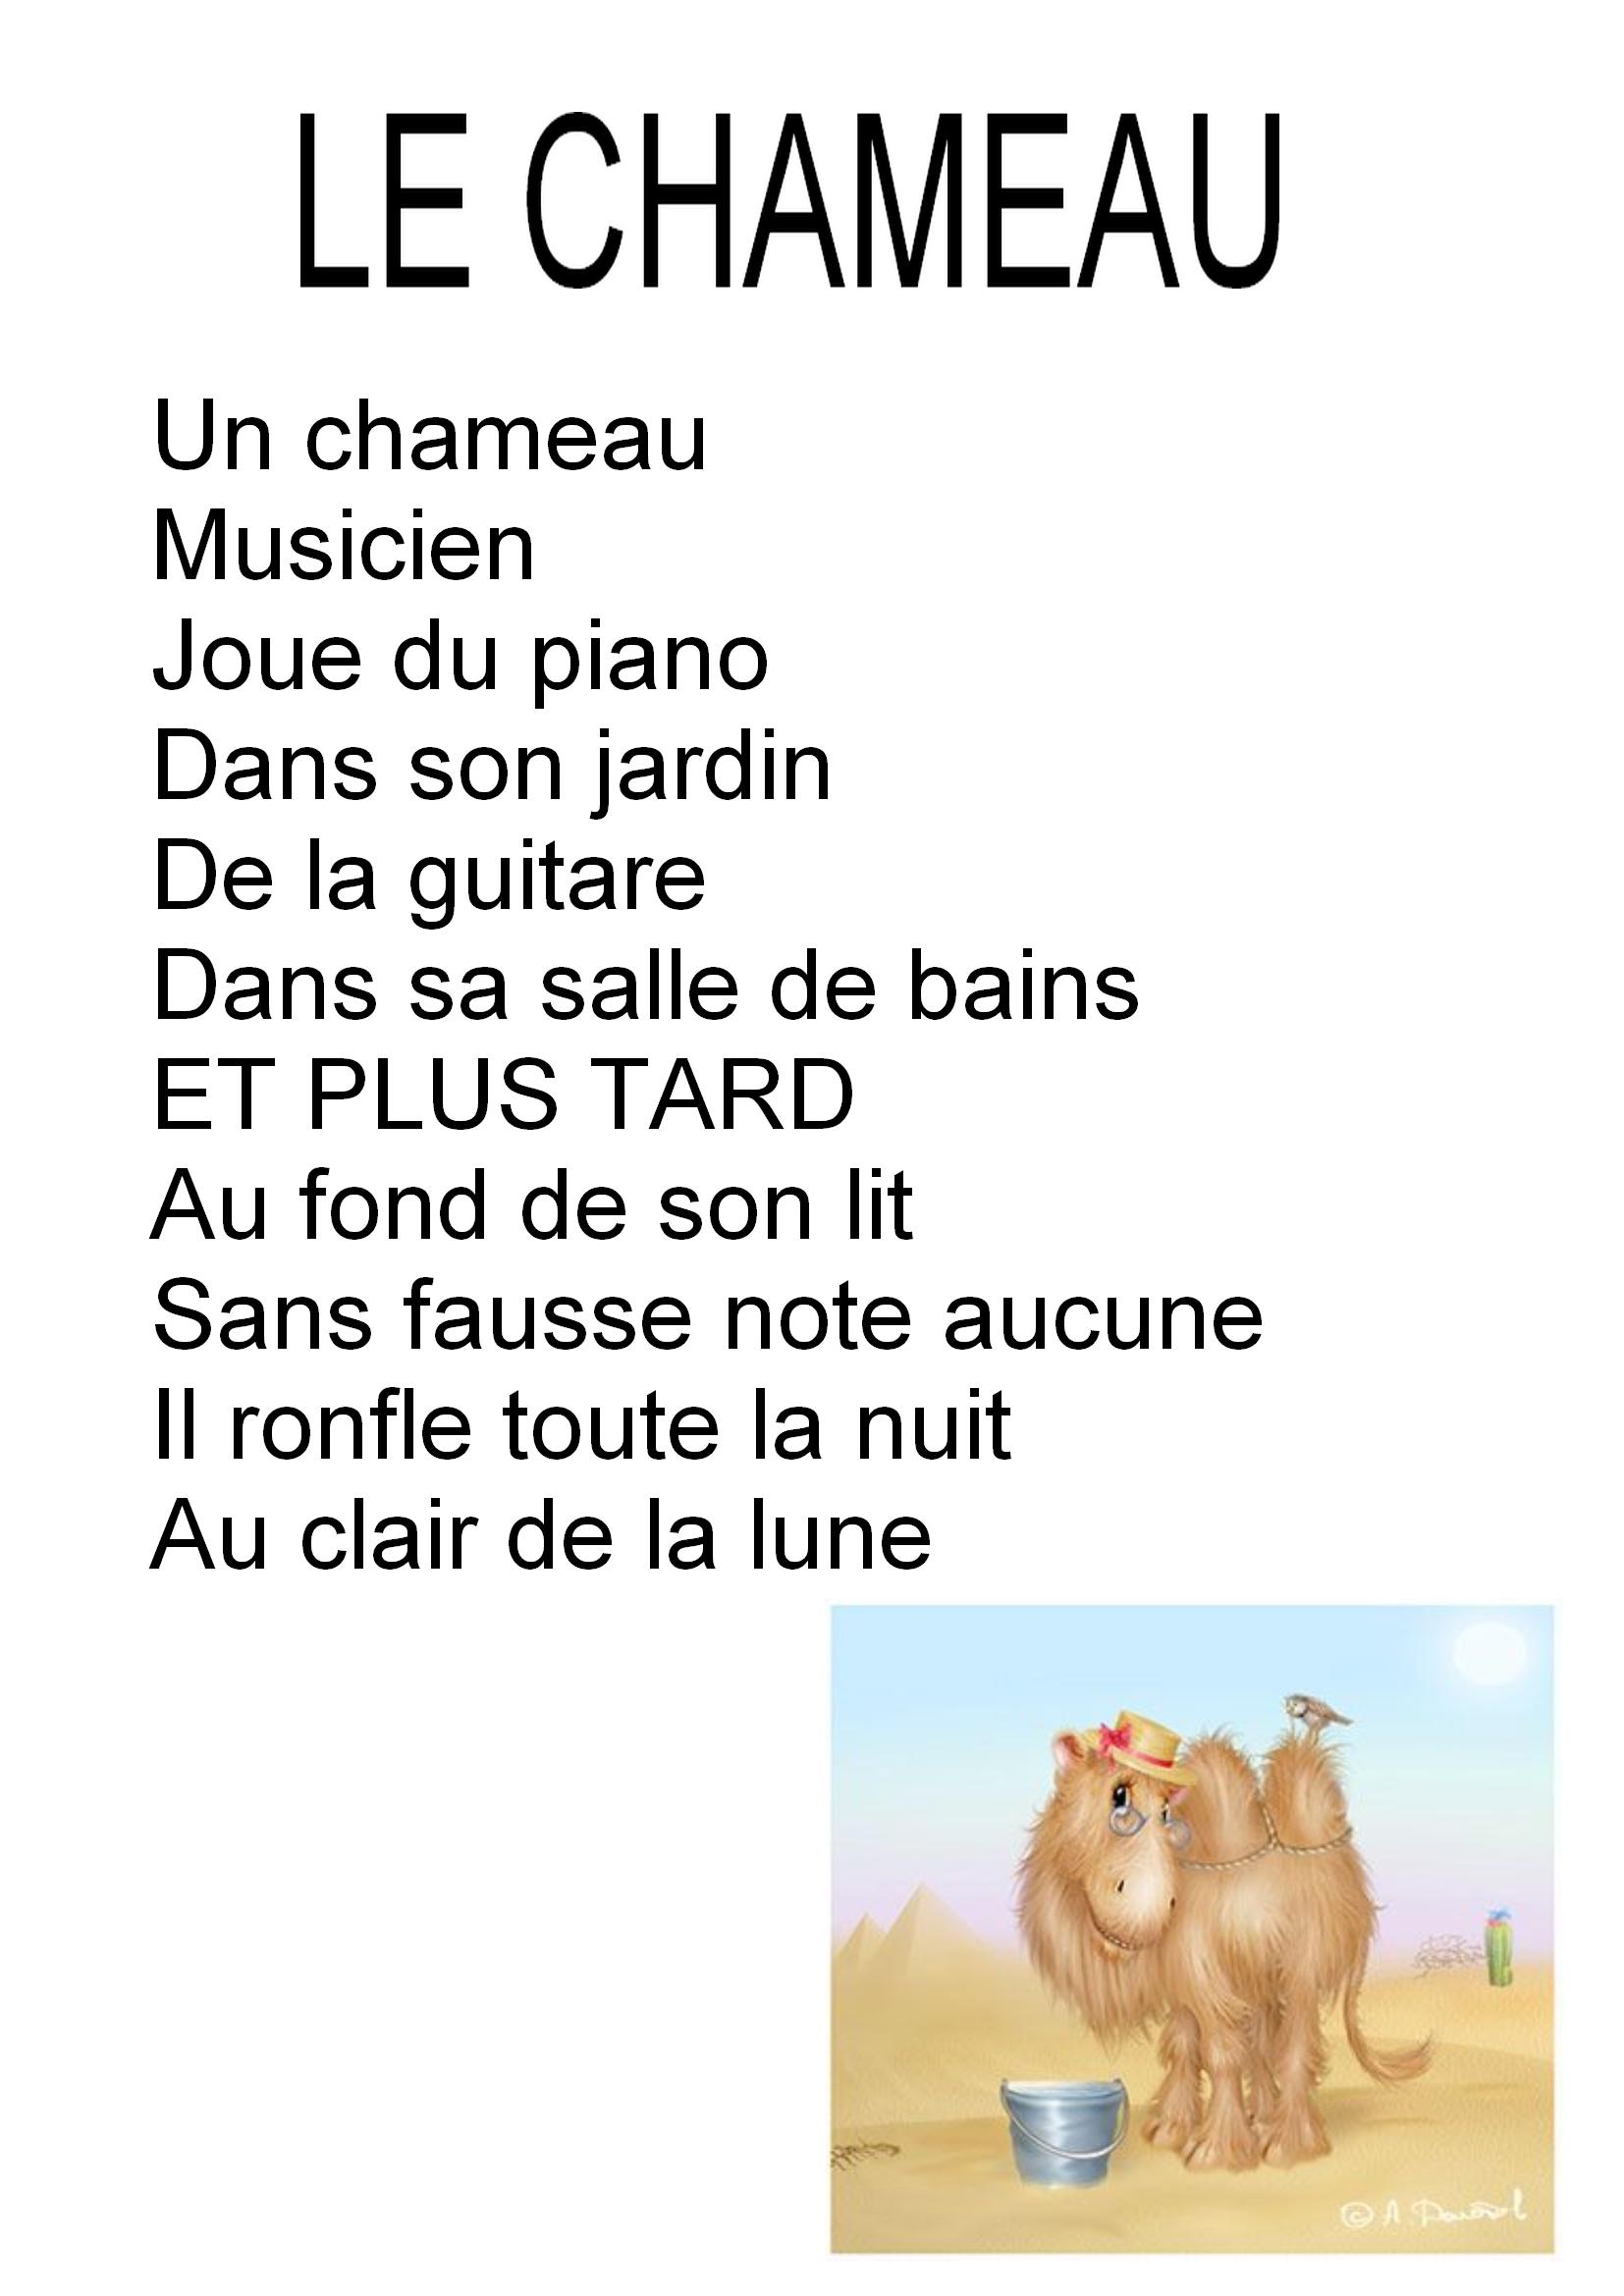 ptines et chanson de chameaux Maitresse Myriam